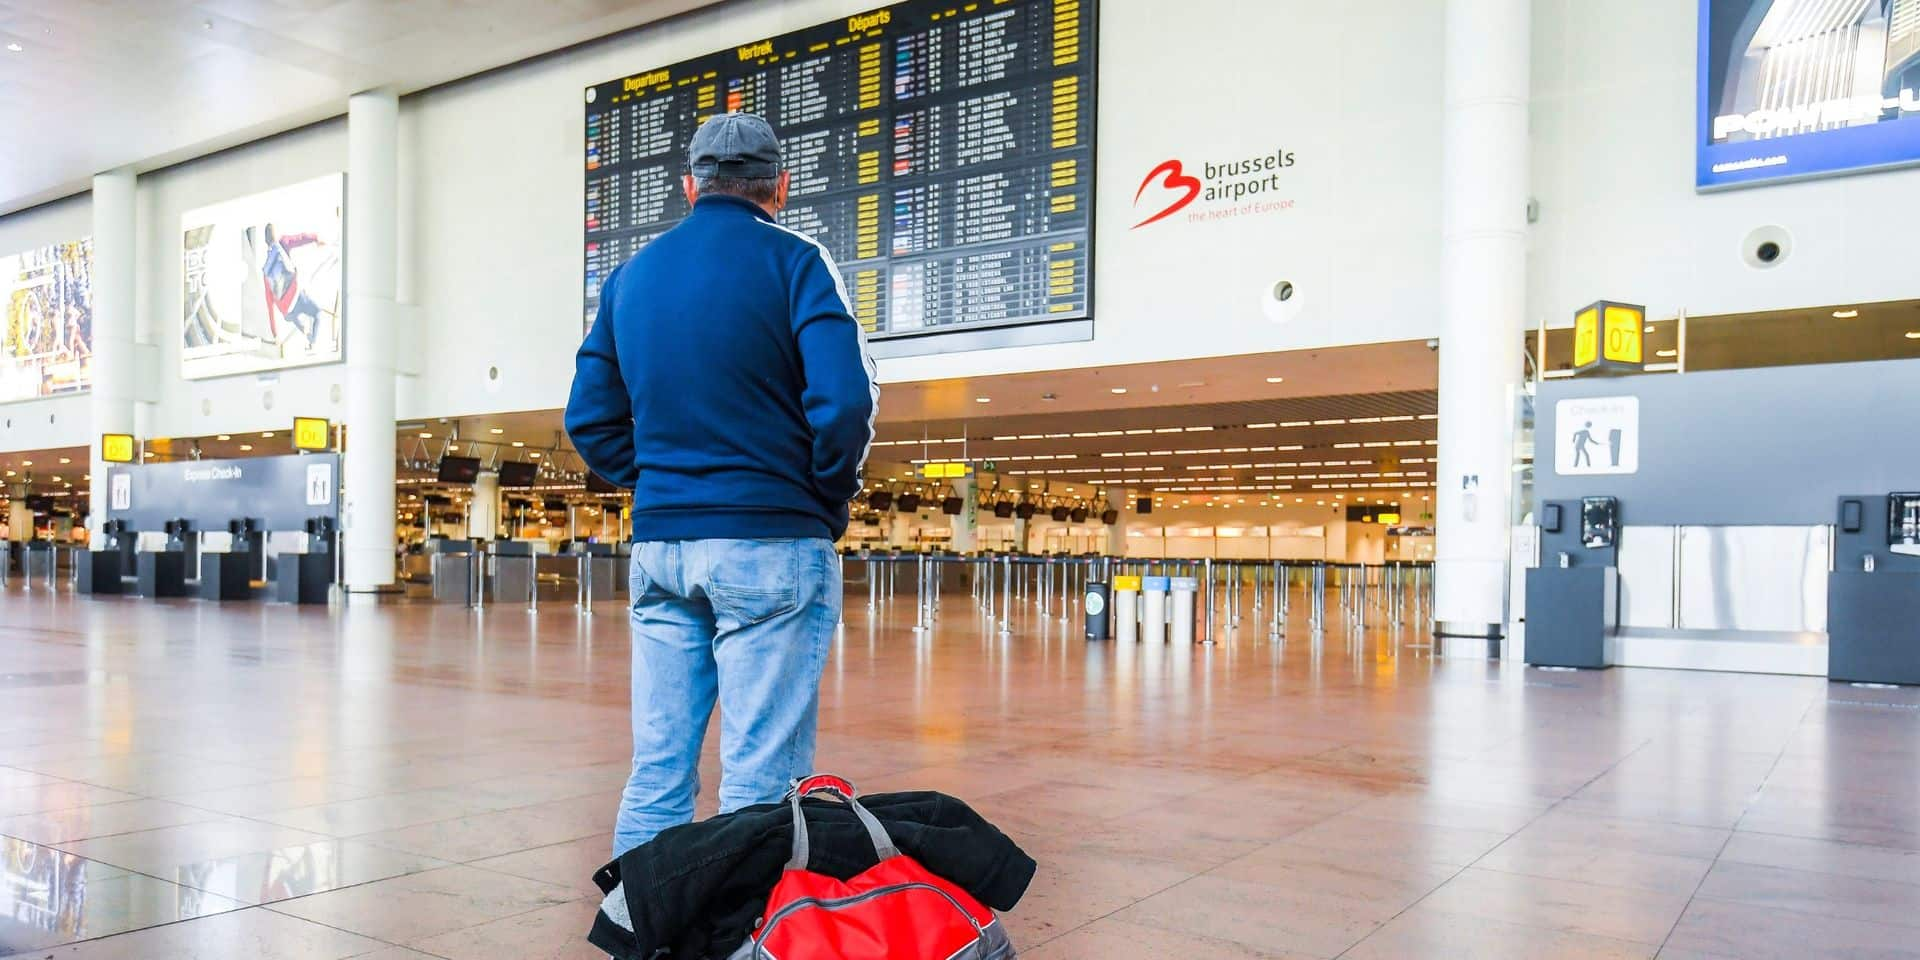 Une quarantaine sera imposée au retour de vacances d'une zone à risques. Comment ?